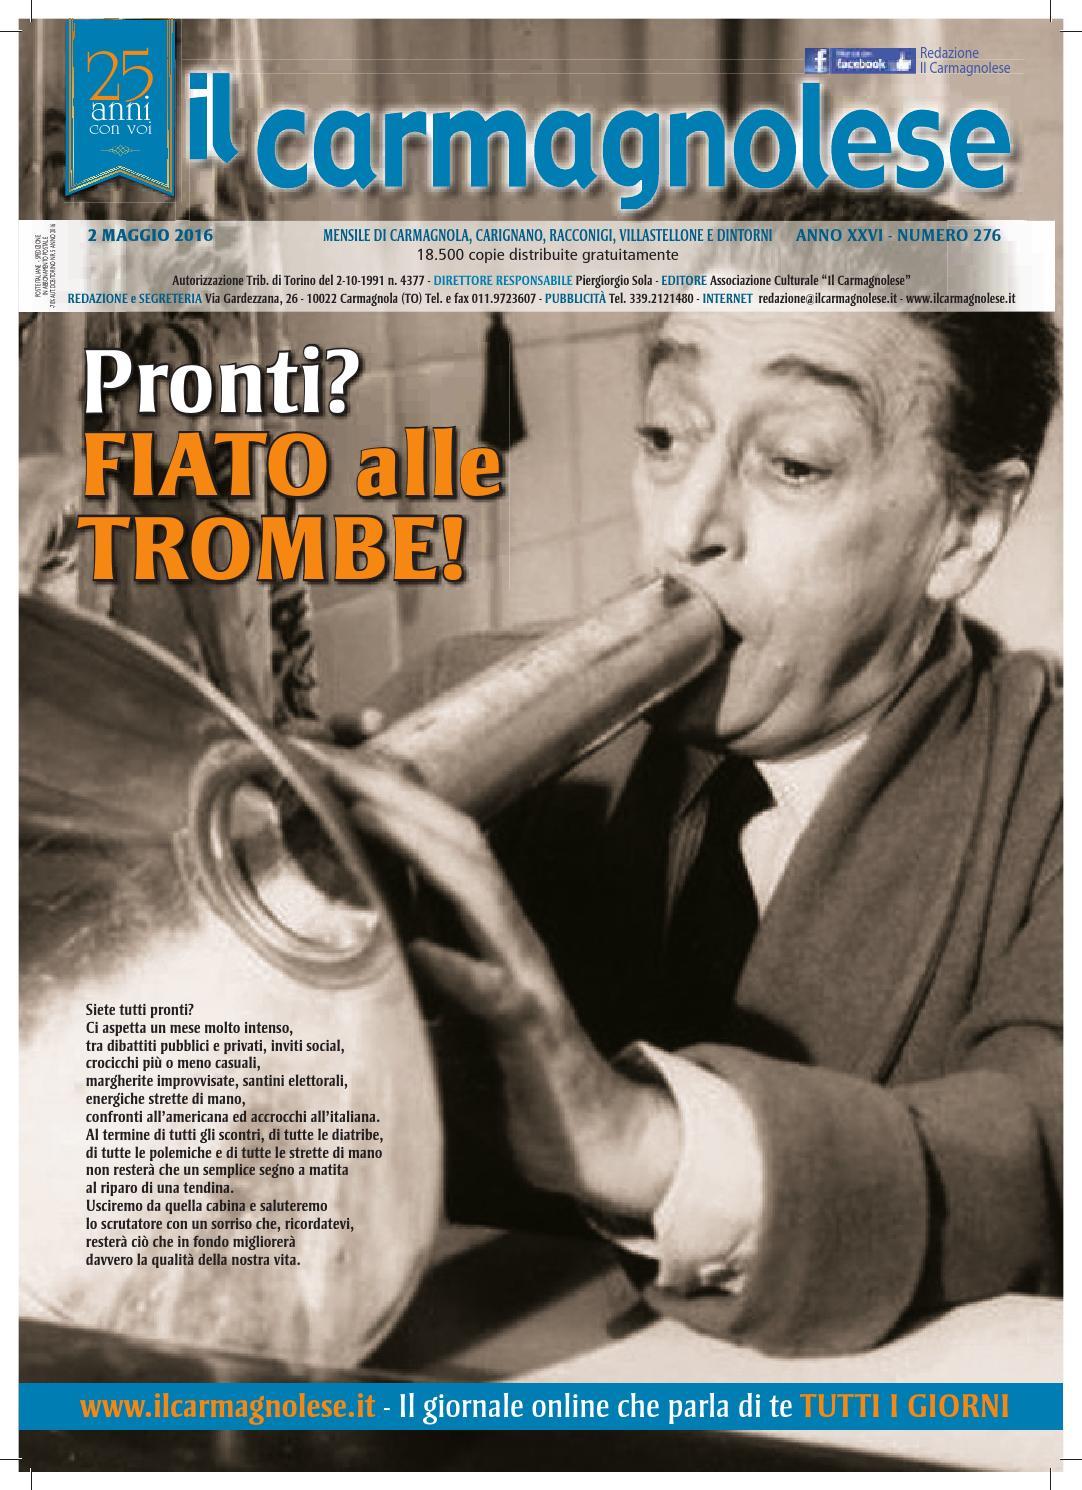 Il carmagnolese Aprile 2016 by Redazione Il Carmagnolese - issuu